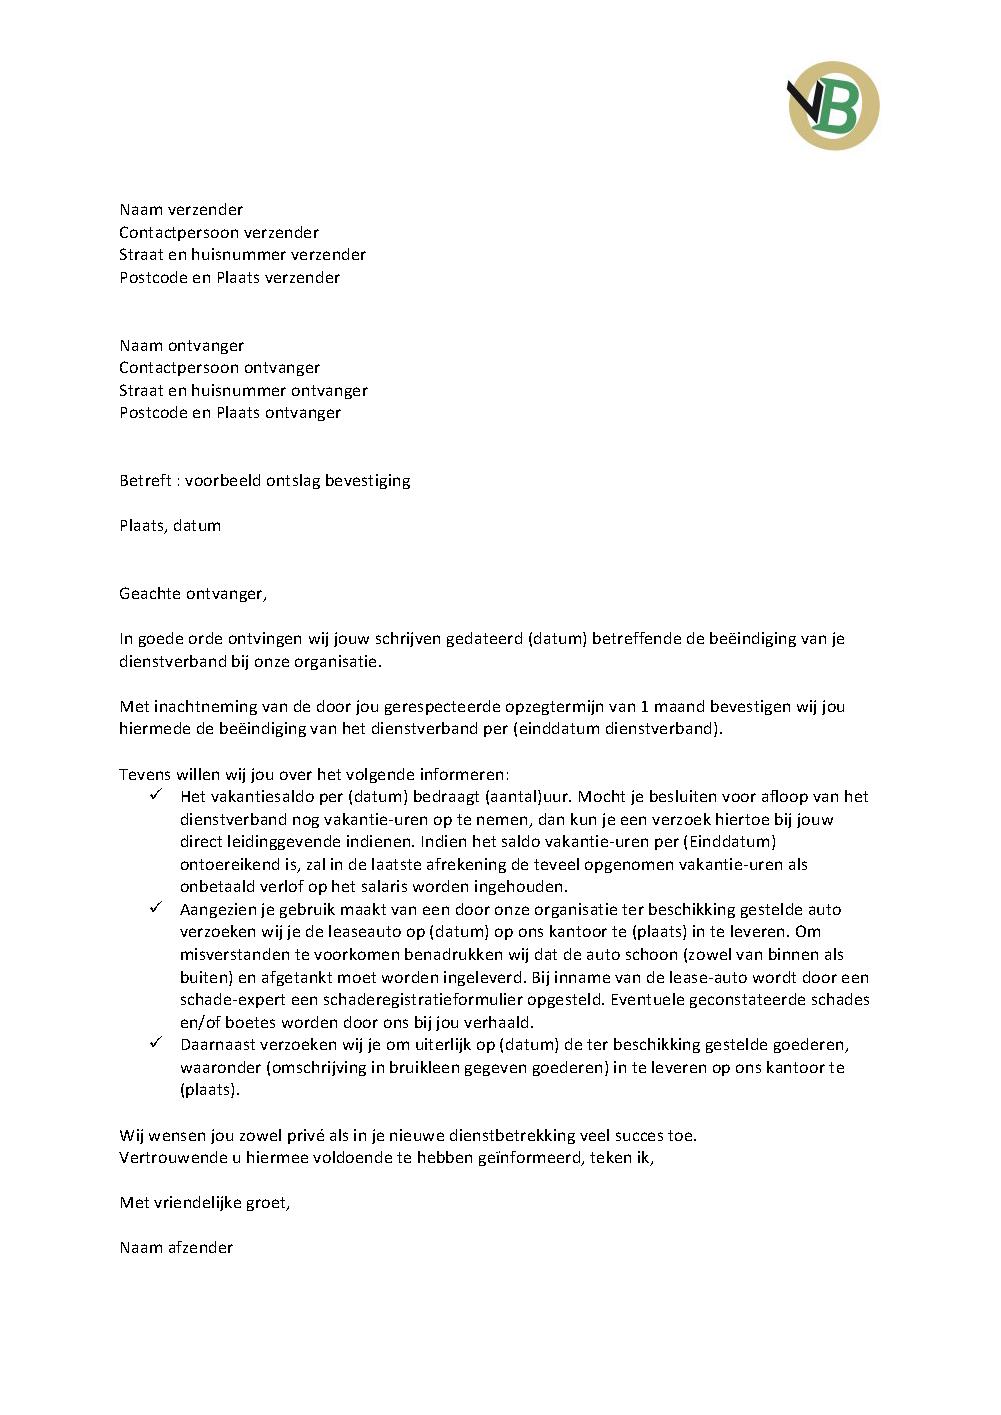 aangetekende ontslagbrief